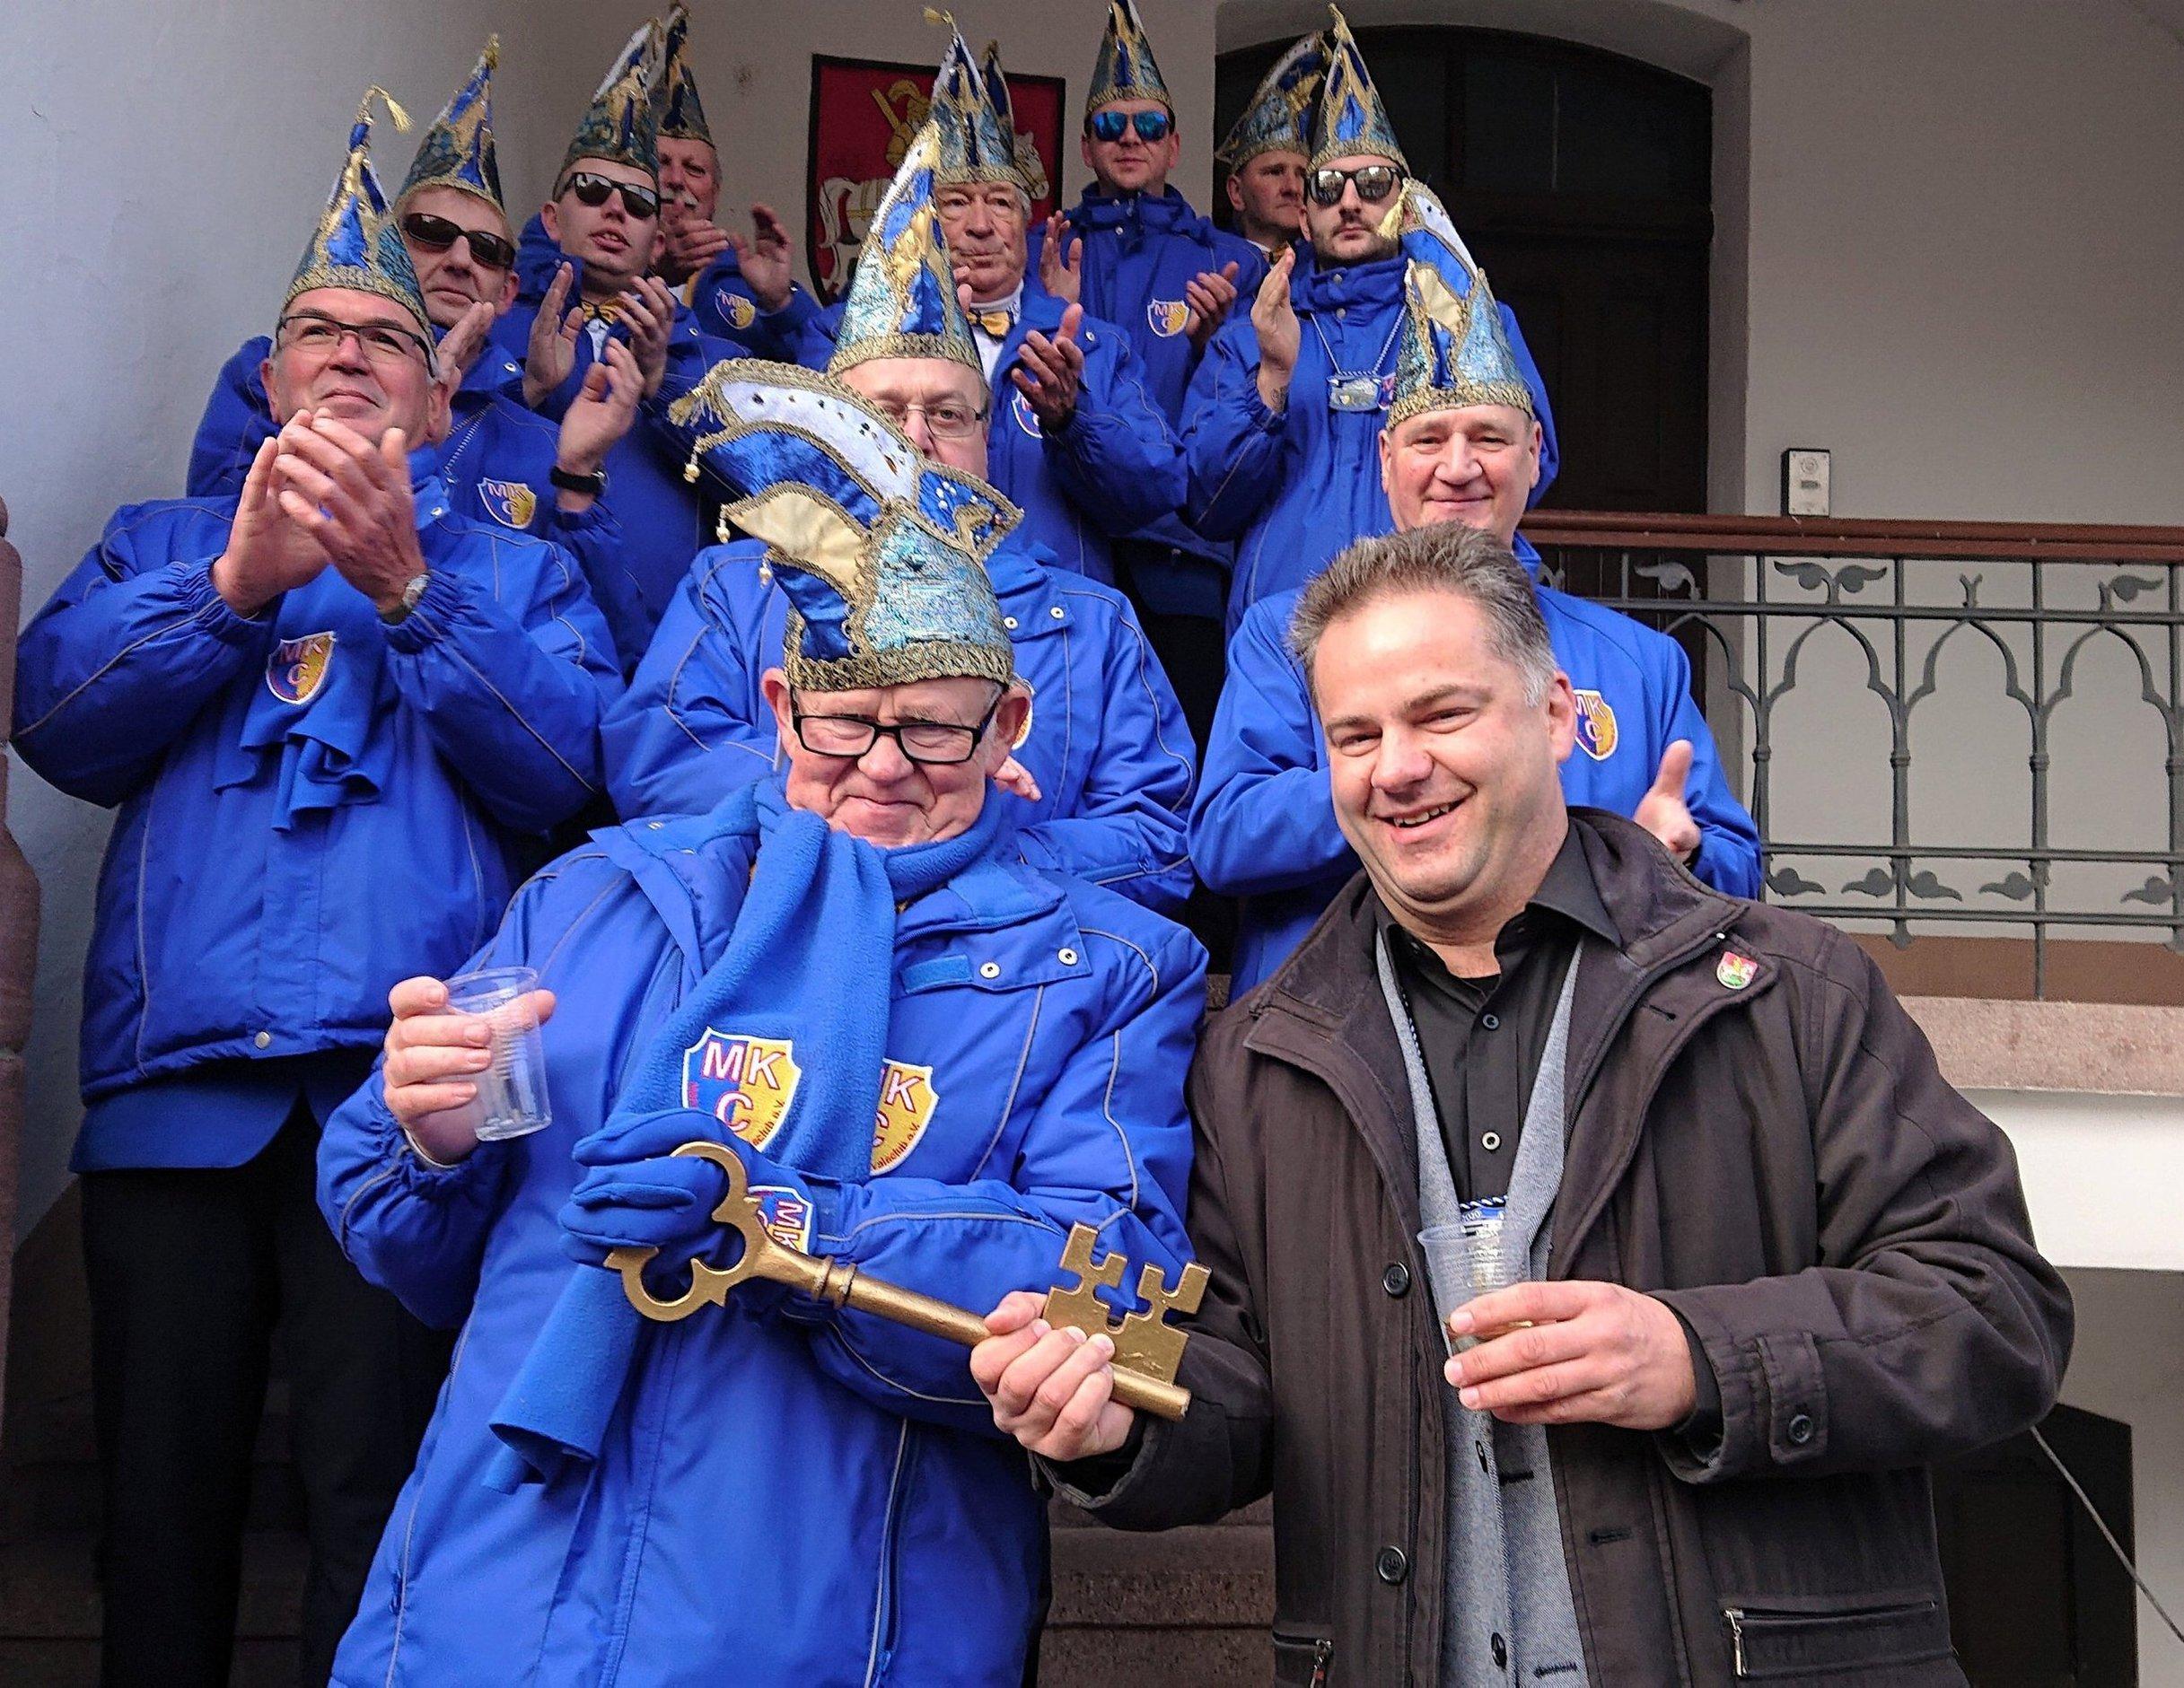 Bürgermeister Andreas Koch musste den Stadtschlüssel am 11.11. den Mansfelder Karnevalisten überlassen. Diese feiern noch bis zum Aschermittwoch ihre 5. Jahreszeit (kl. Bild) FOTOS: F. FAHNERT/K. LABITZKE